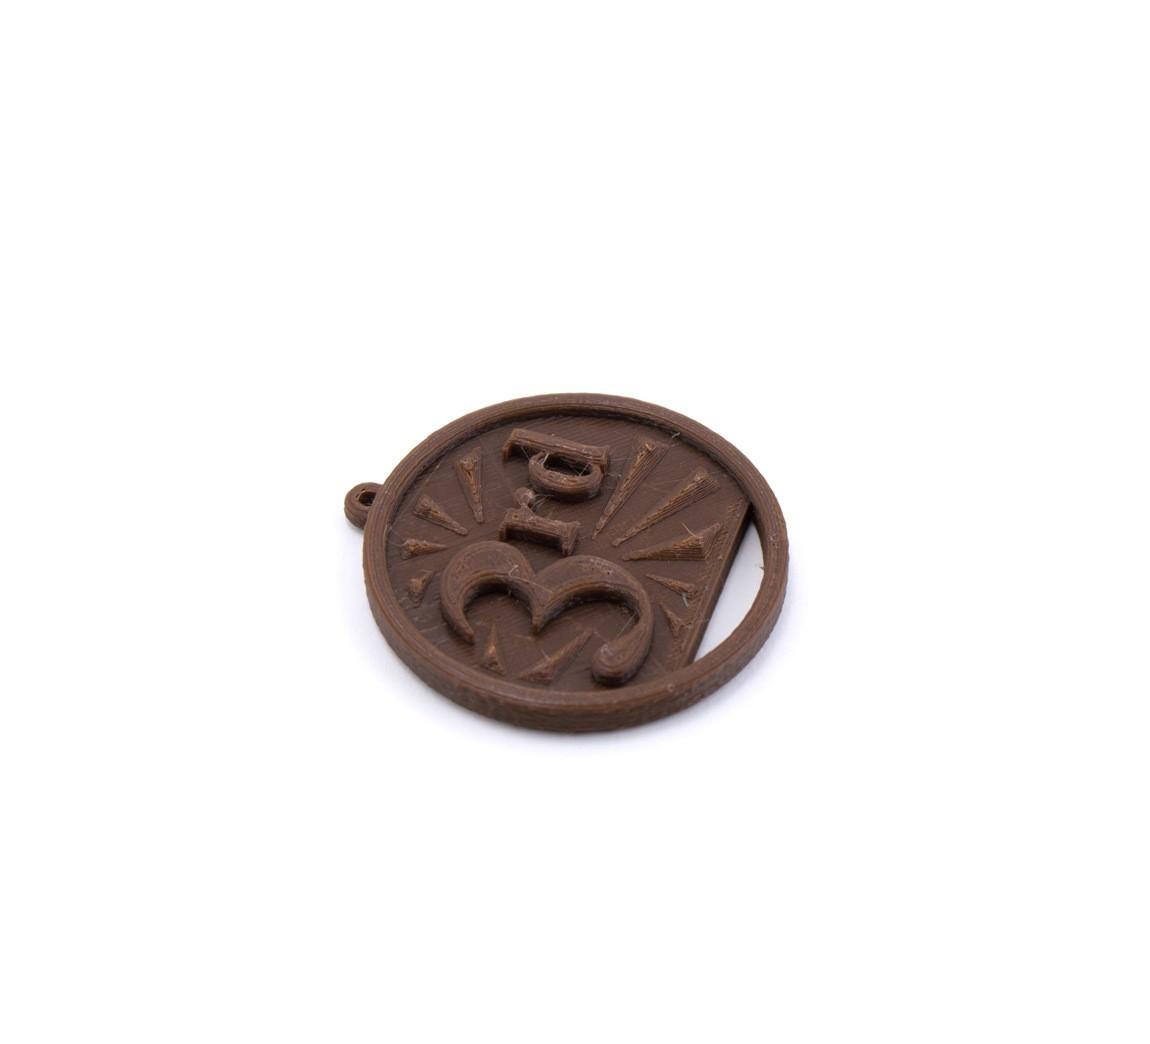 a46e1cff426a9cf5d209c79675438d45_1447961799654_NMD000510-2.jpg Download free STL file Winner's Medals • 3D printer template, Emiliano_Brignito